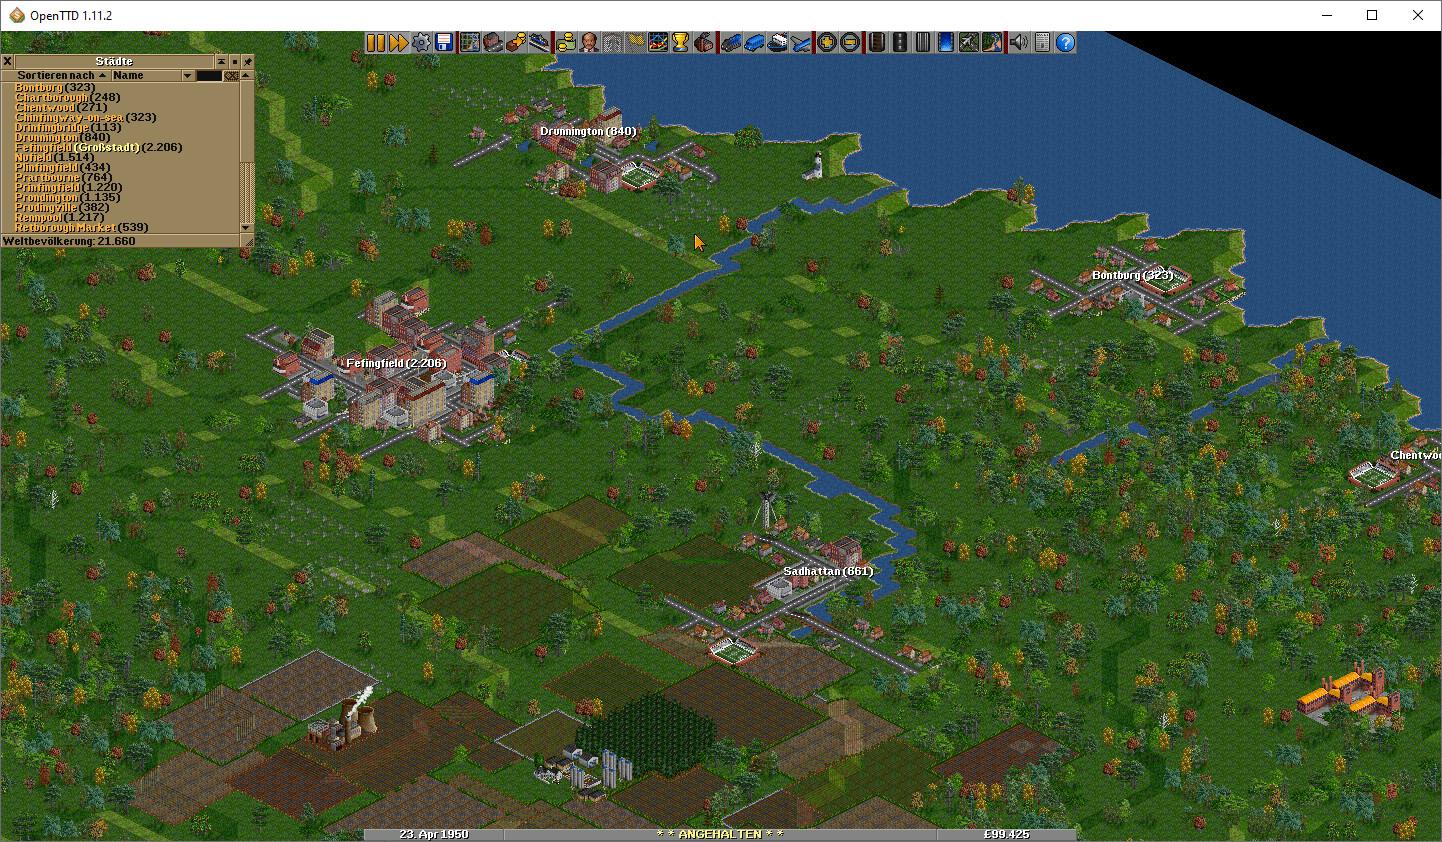 Screenshot 1 - OpenTTD Portable